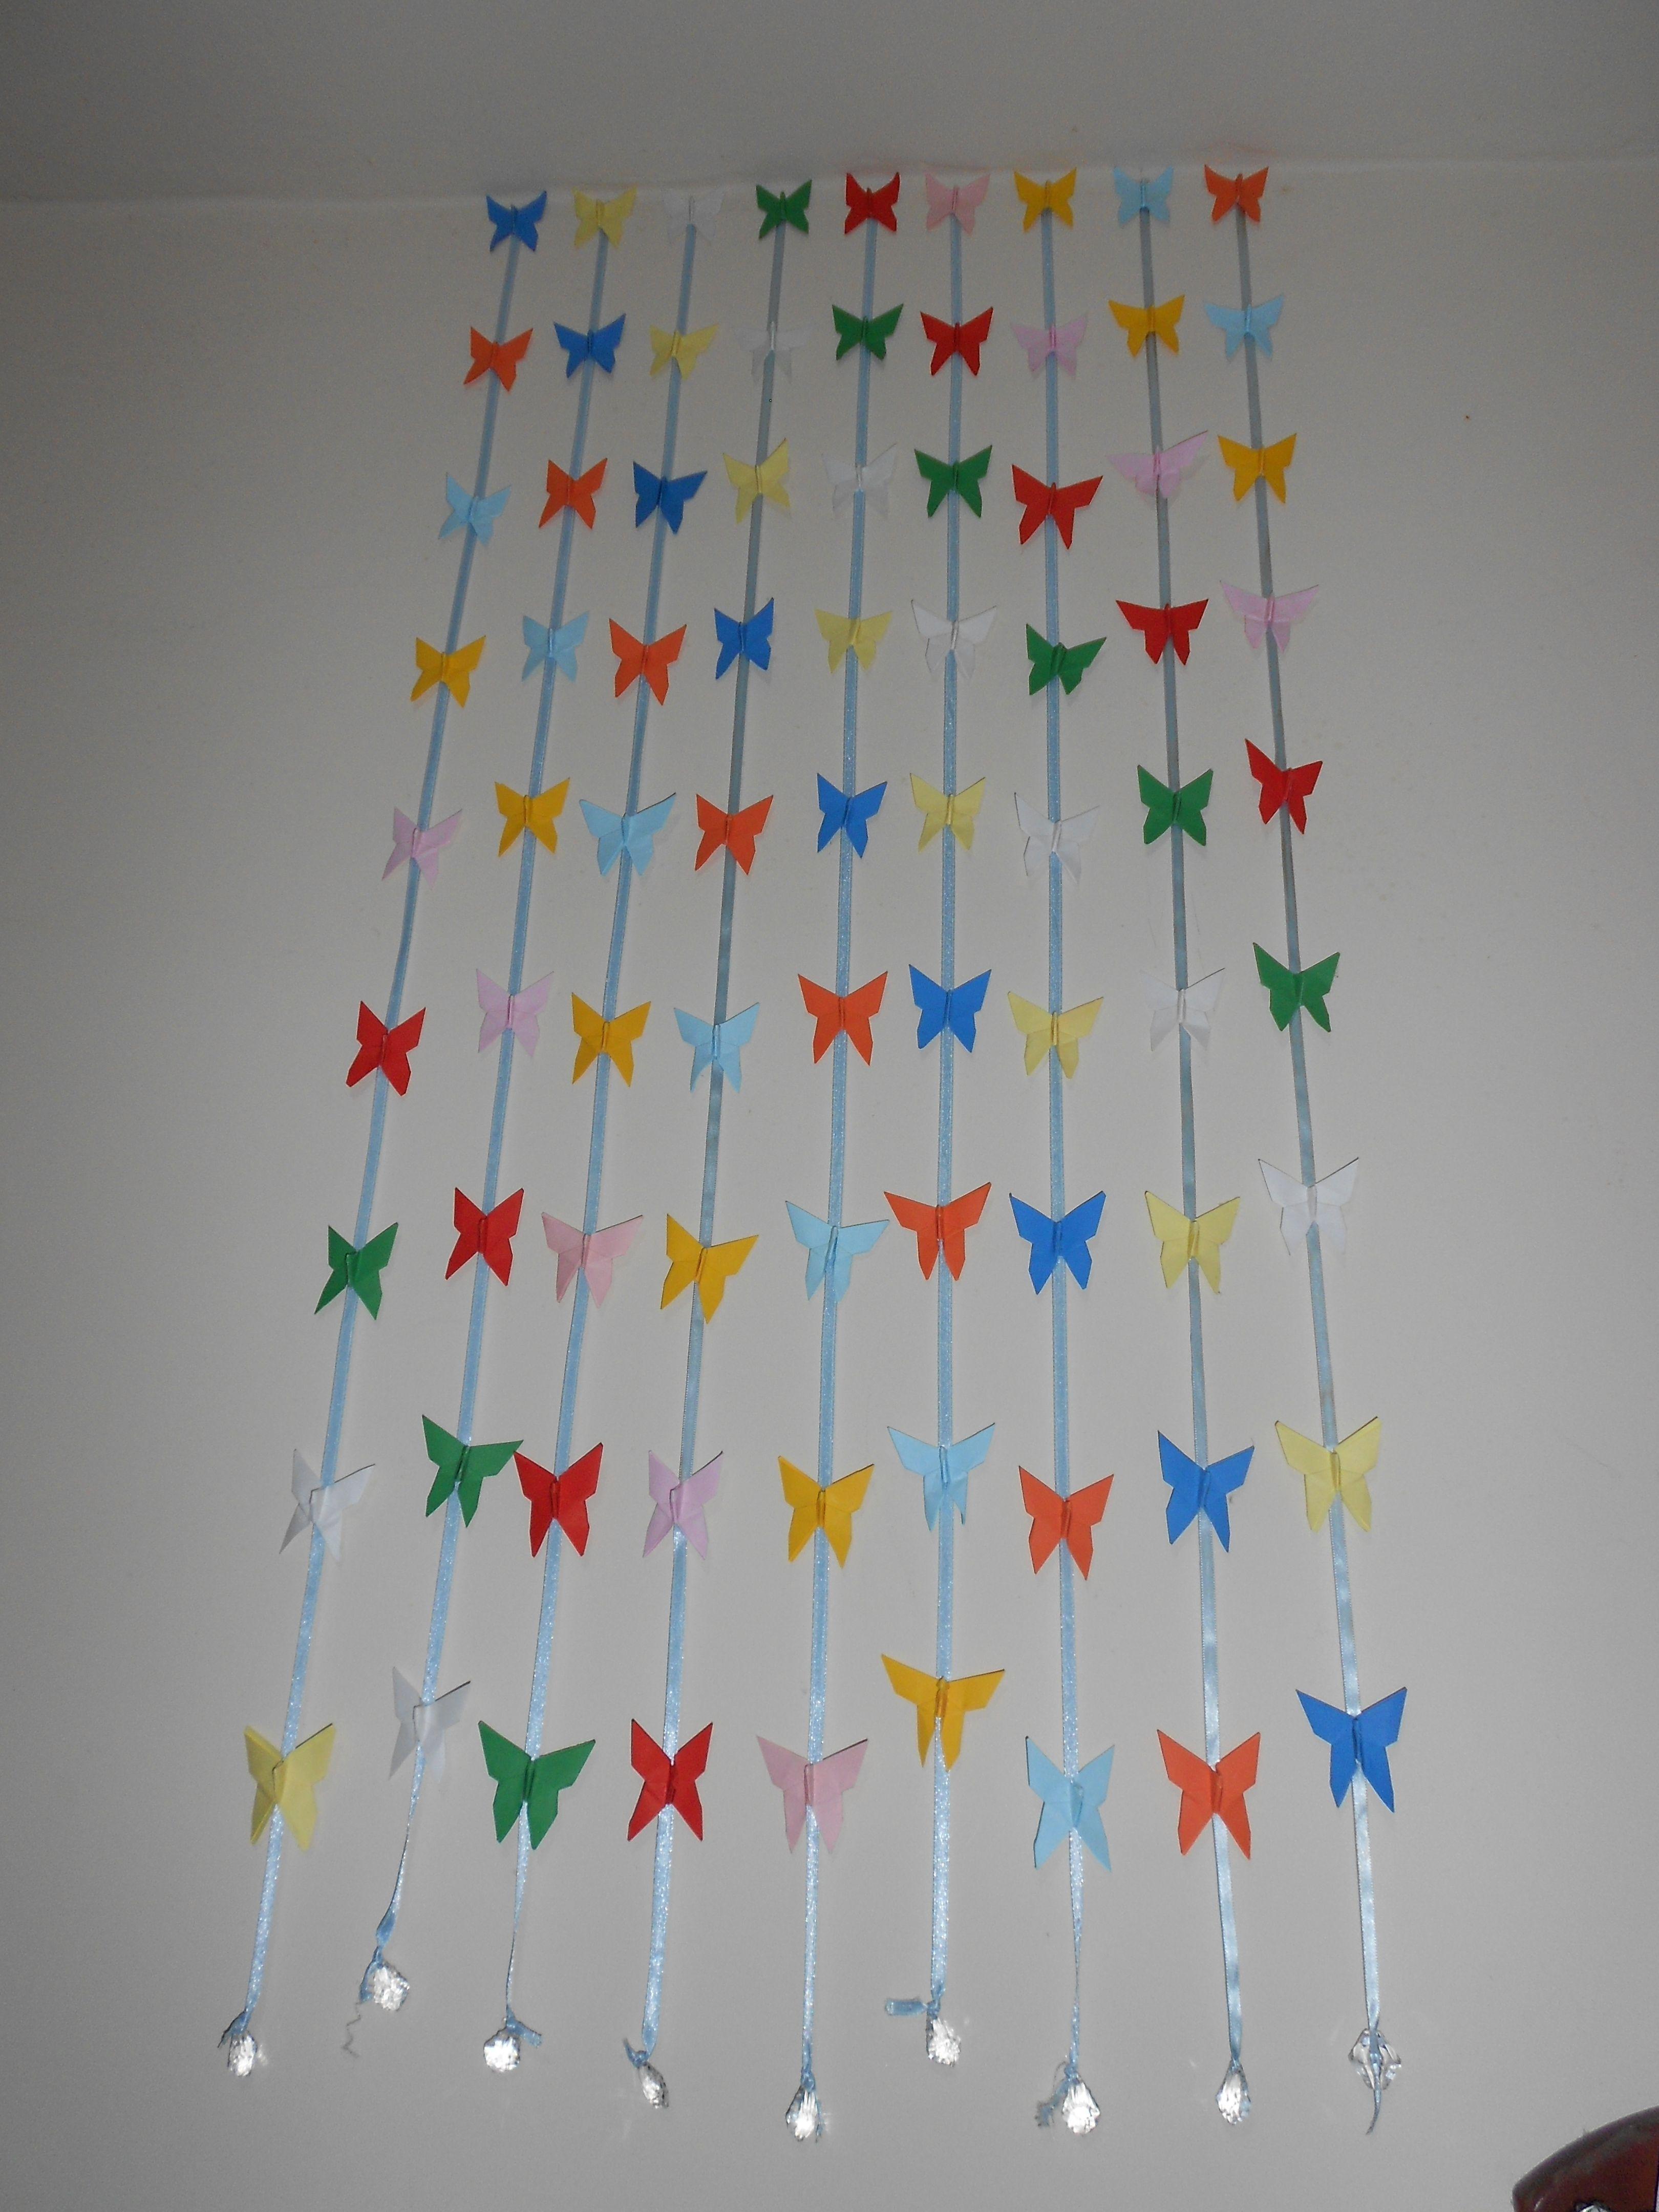 Cortina De Borboletas De Origami Borboletas Jpg 3240 4320